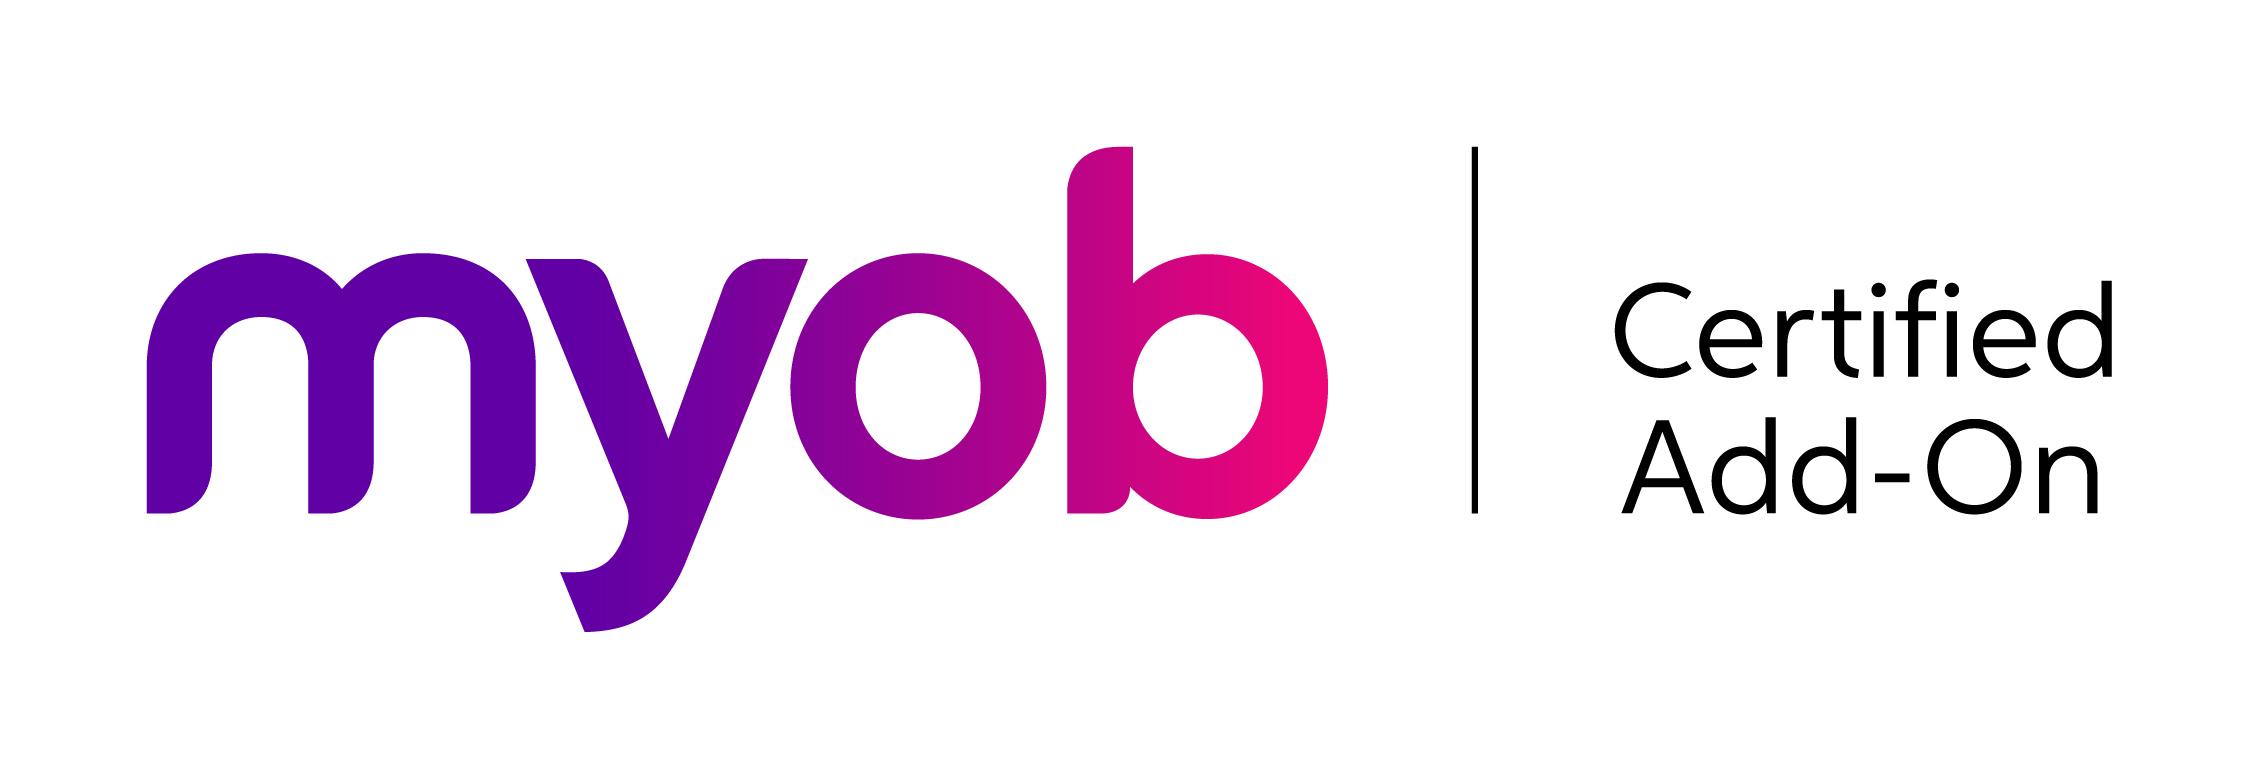 MYOB Certified add-on